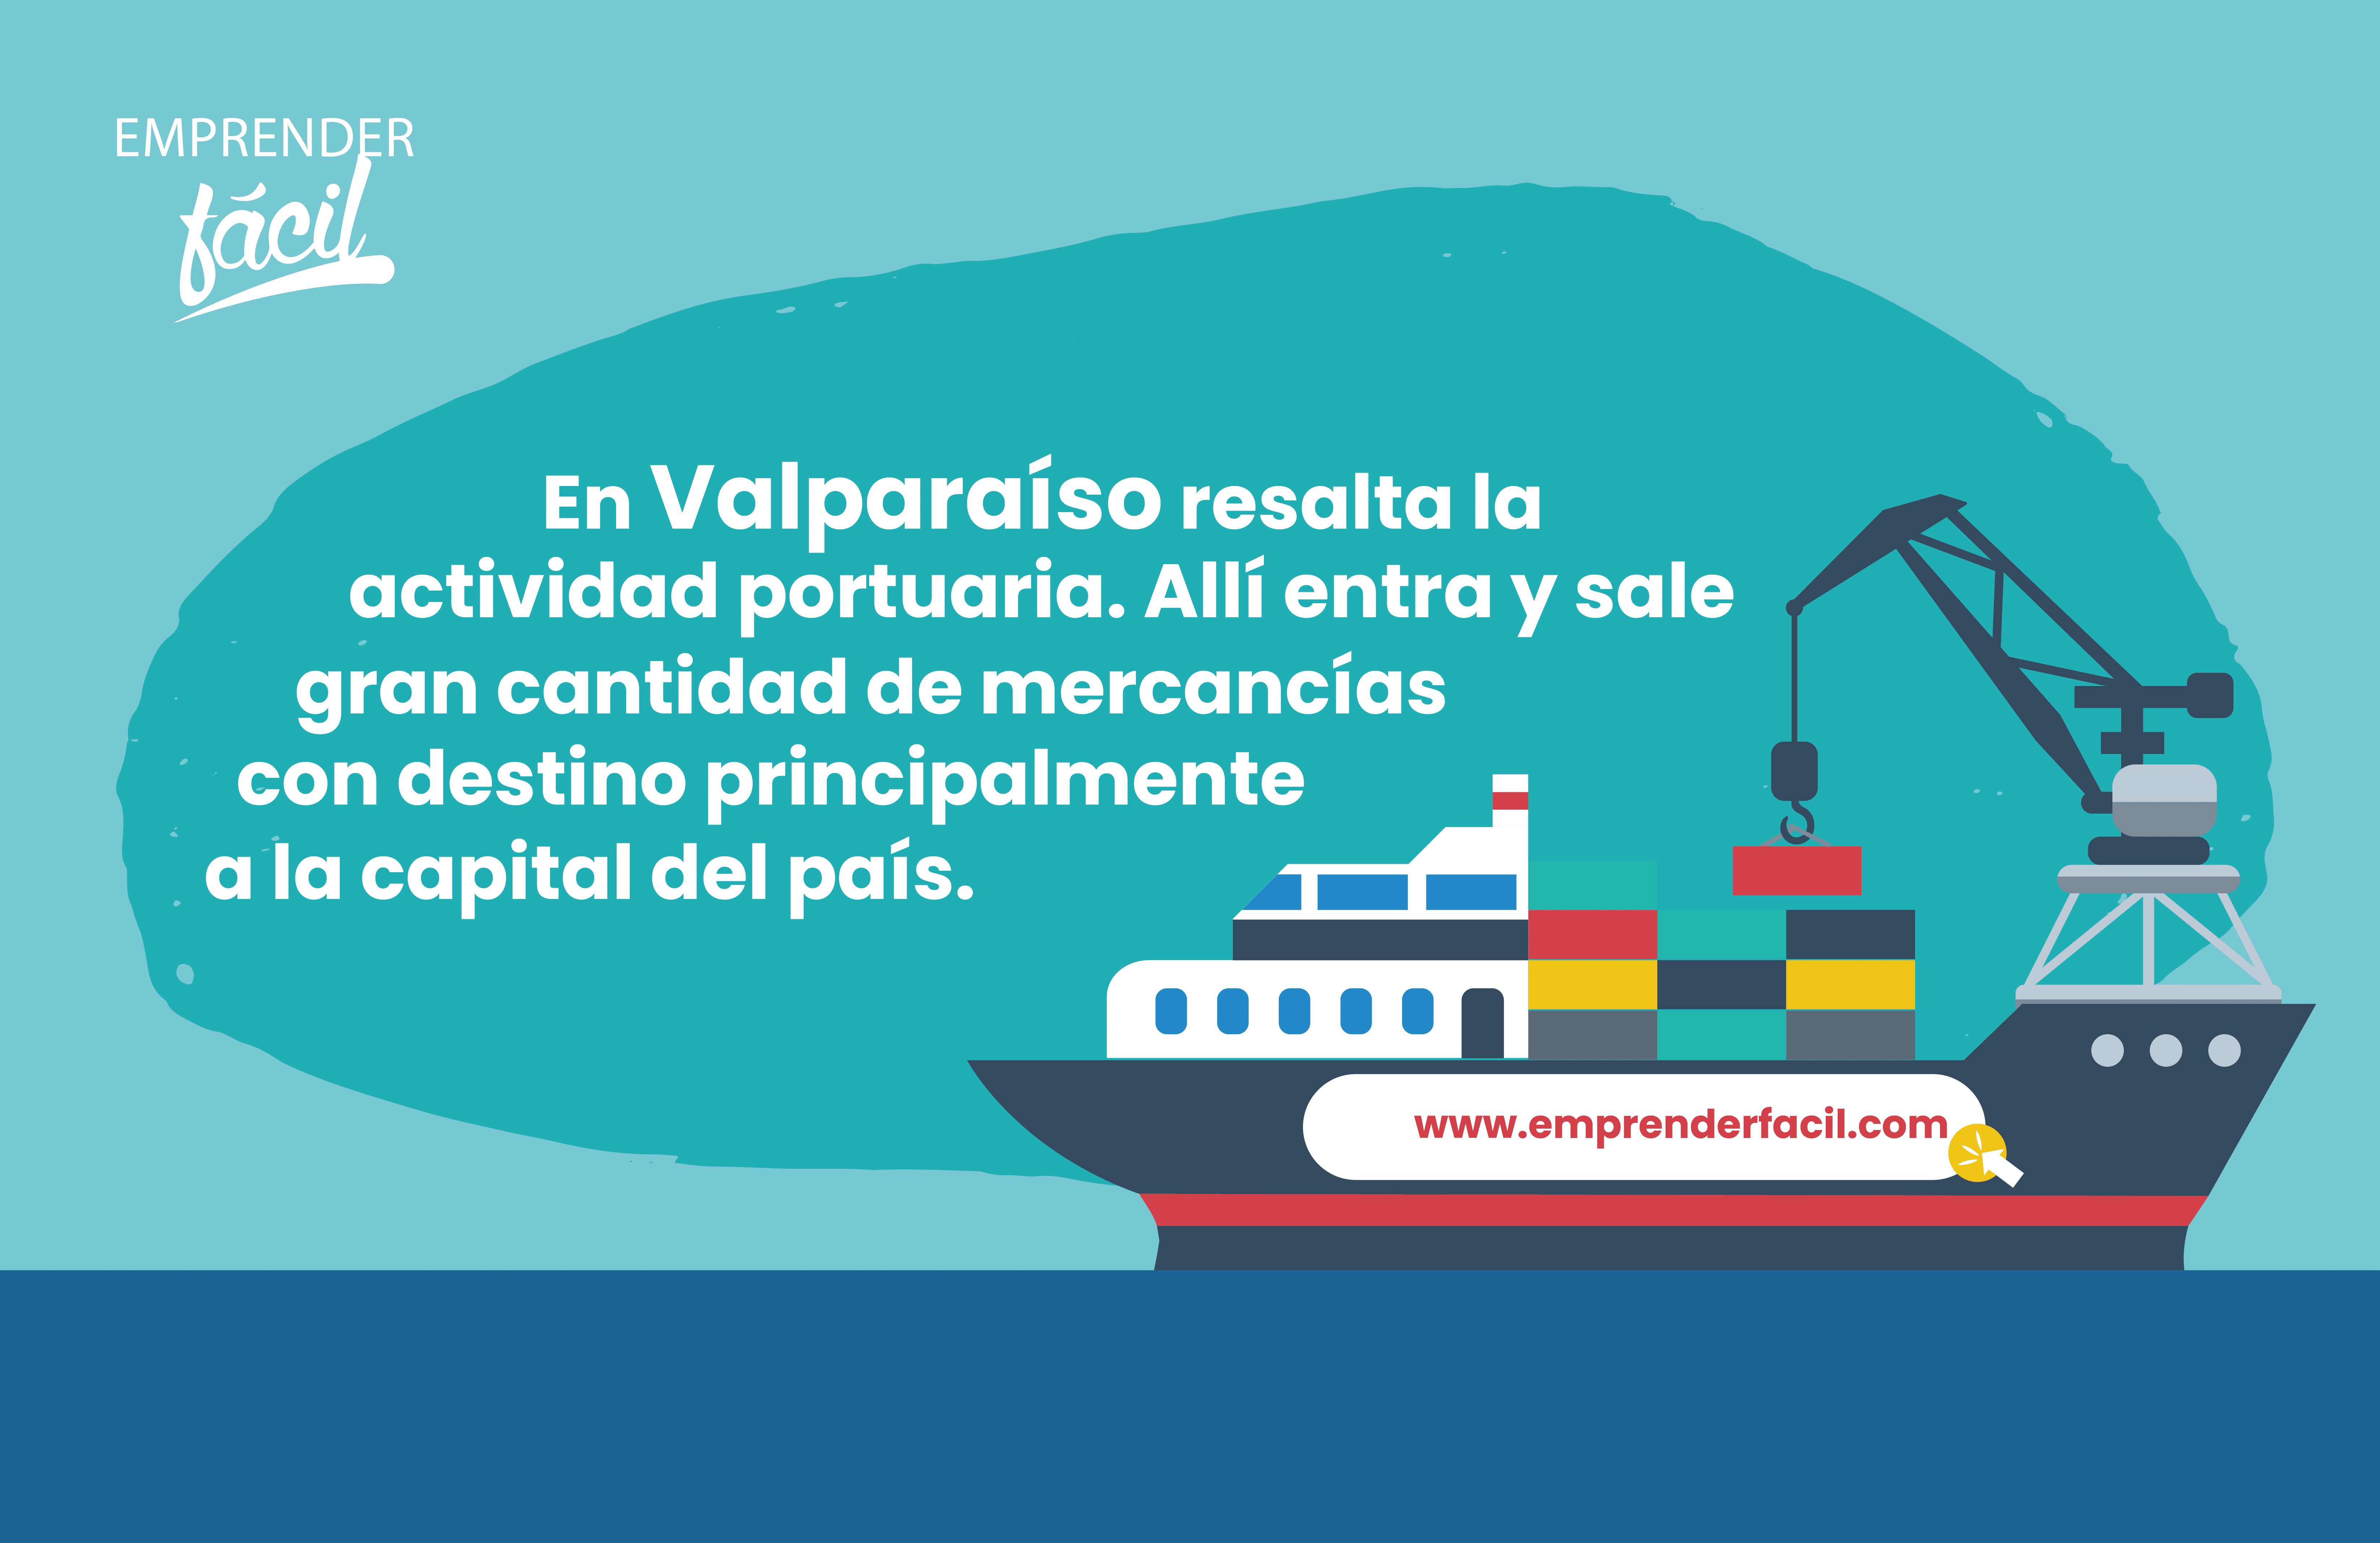 En Valparaíso se destaca la actividad portuaria.